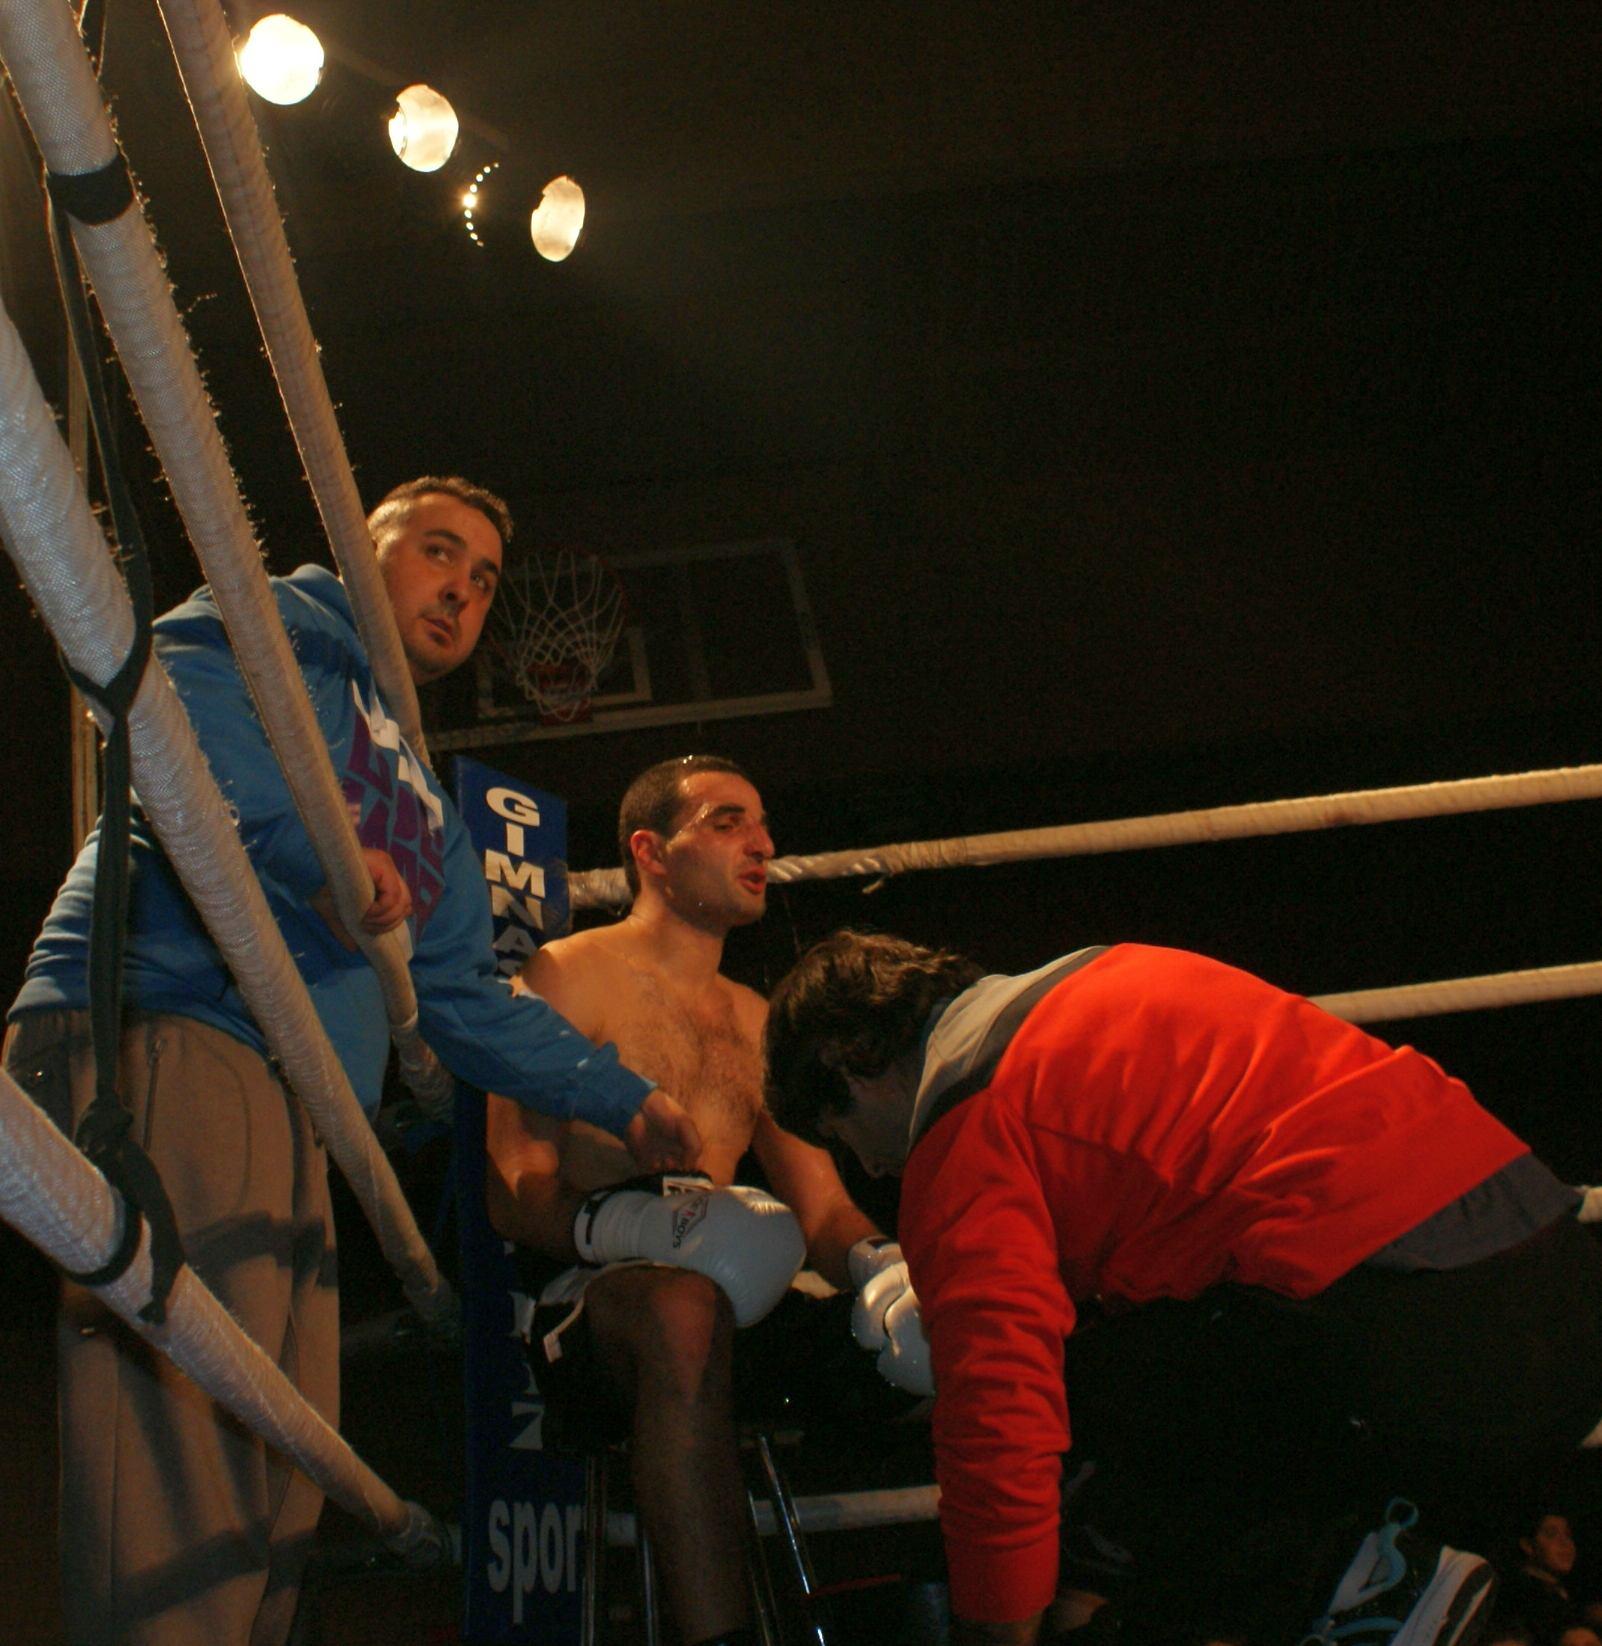 El boxeador profesional Nuzgar en su esquina